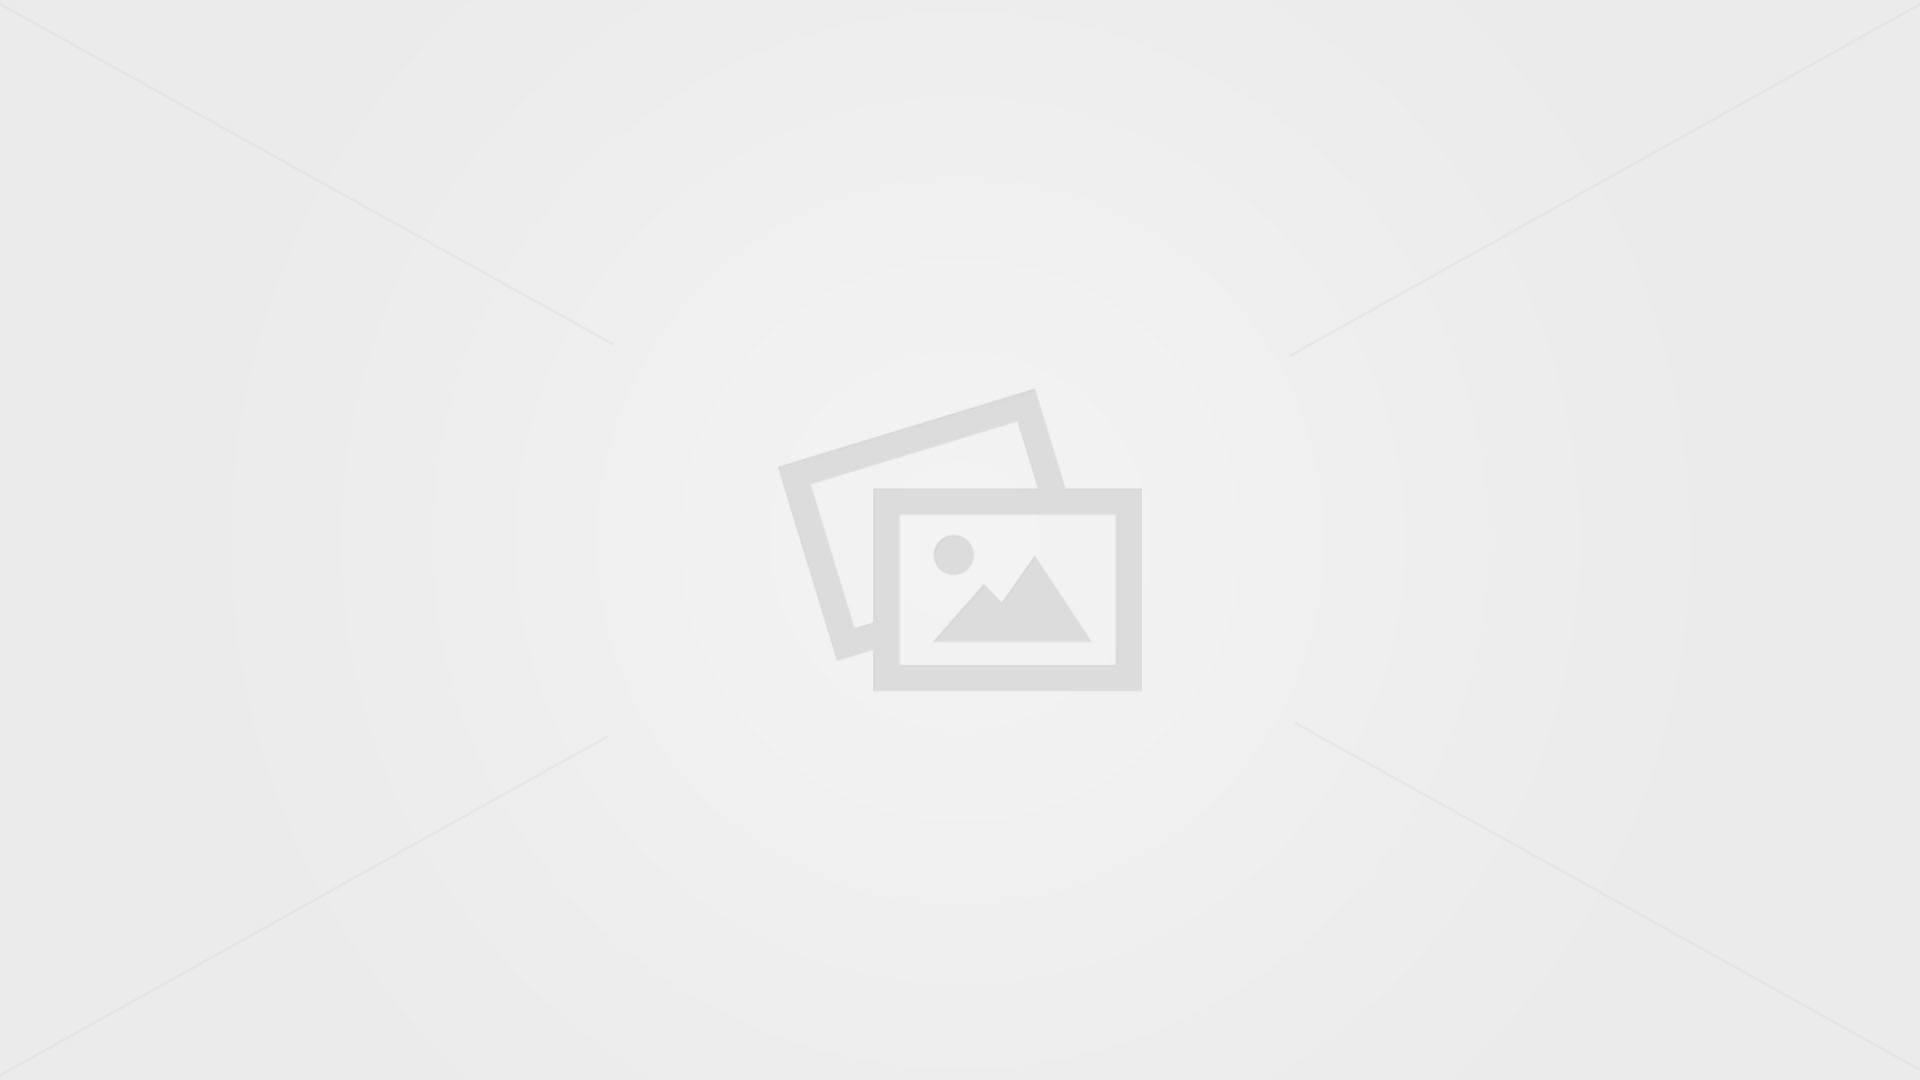 درخواست پلیسفتا برای تعیینتکلیف دیوار و شیپور